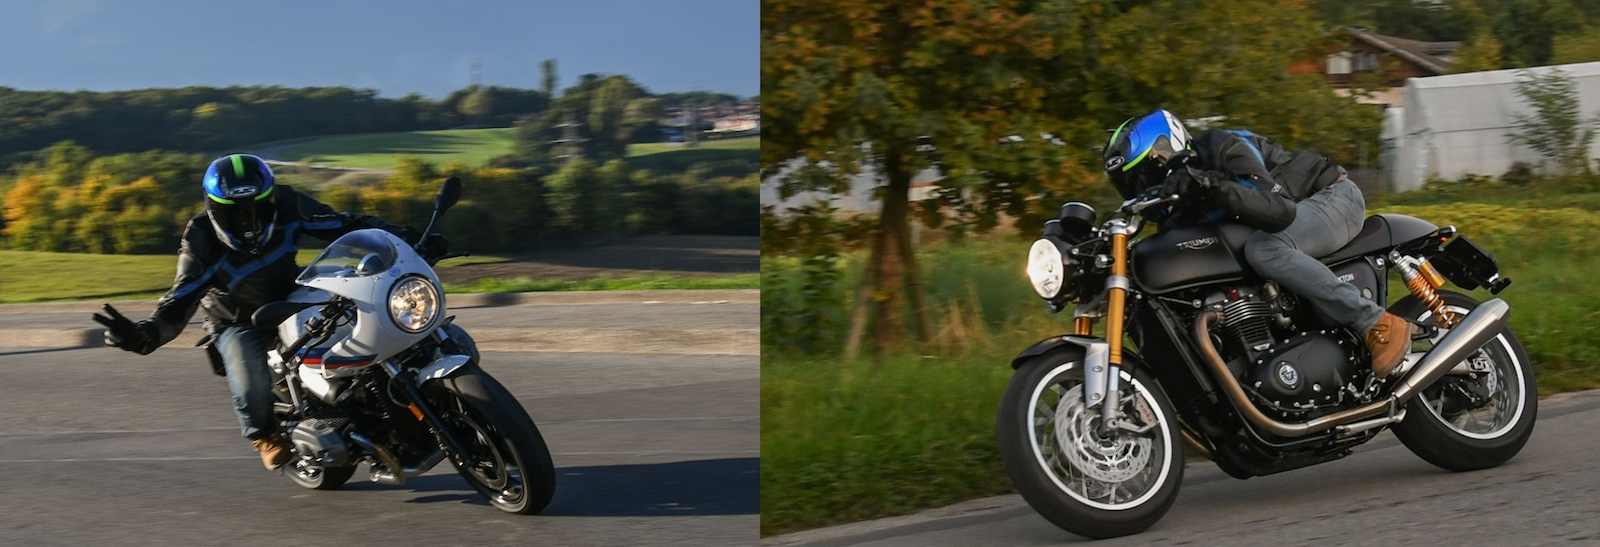 Comparatif Bmw Nine T Racer Vs Triumph Bonneville Thruxton R Les